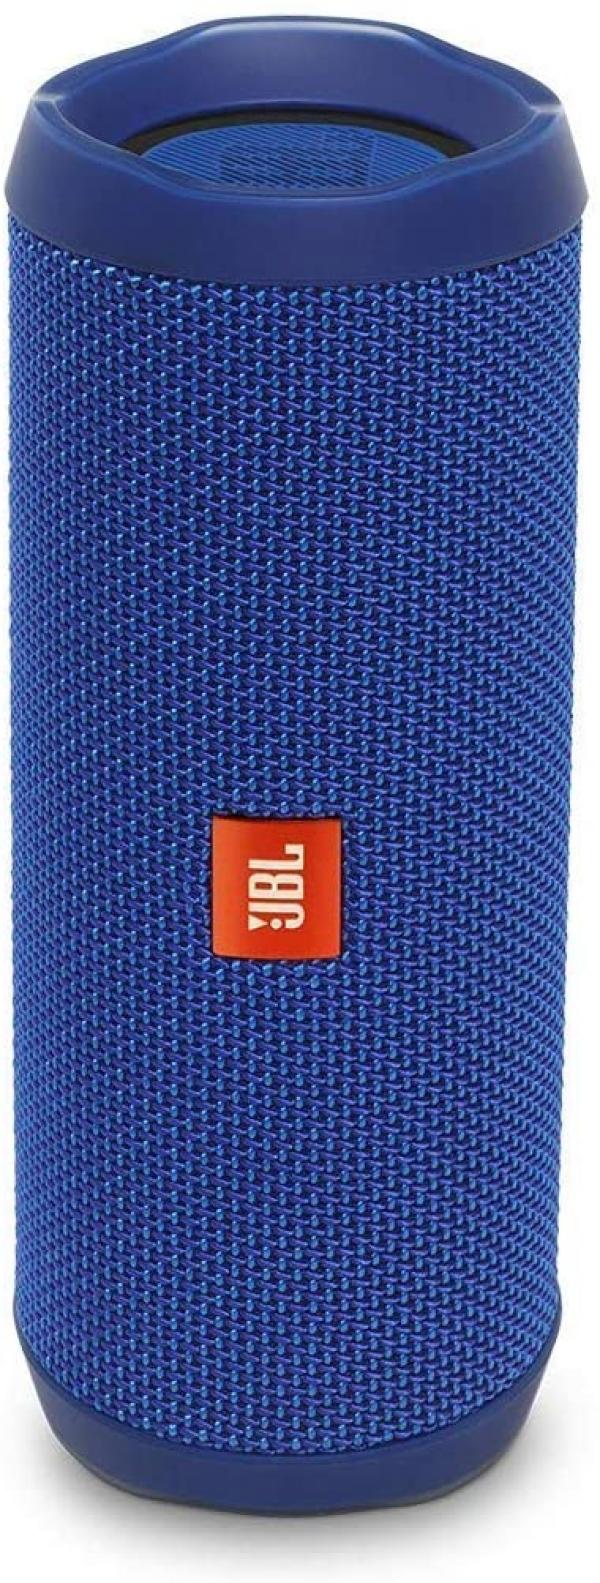 JBL - JBL Flip 4